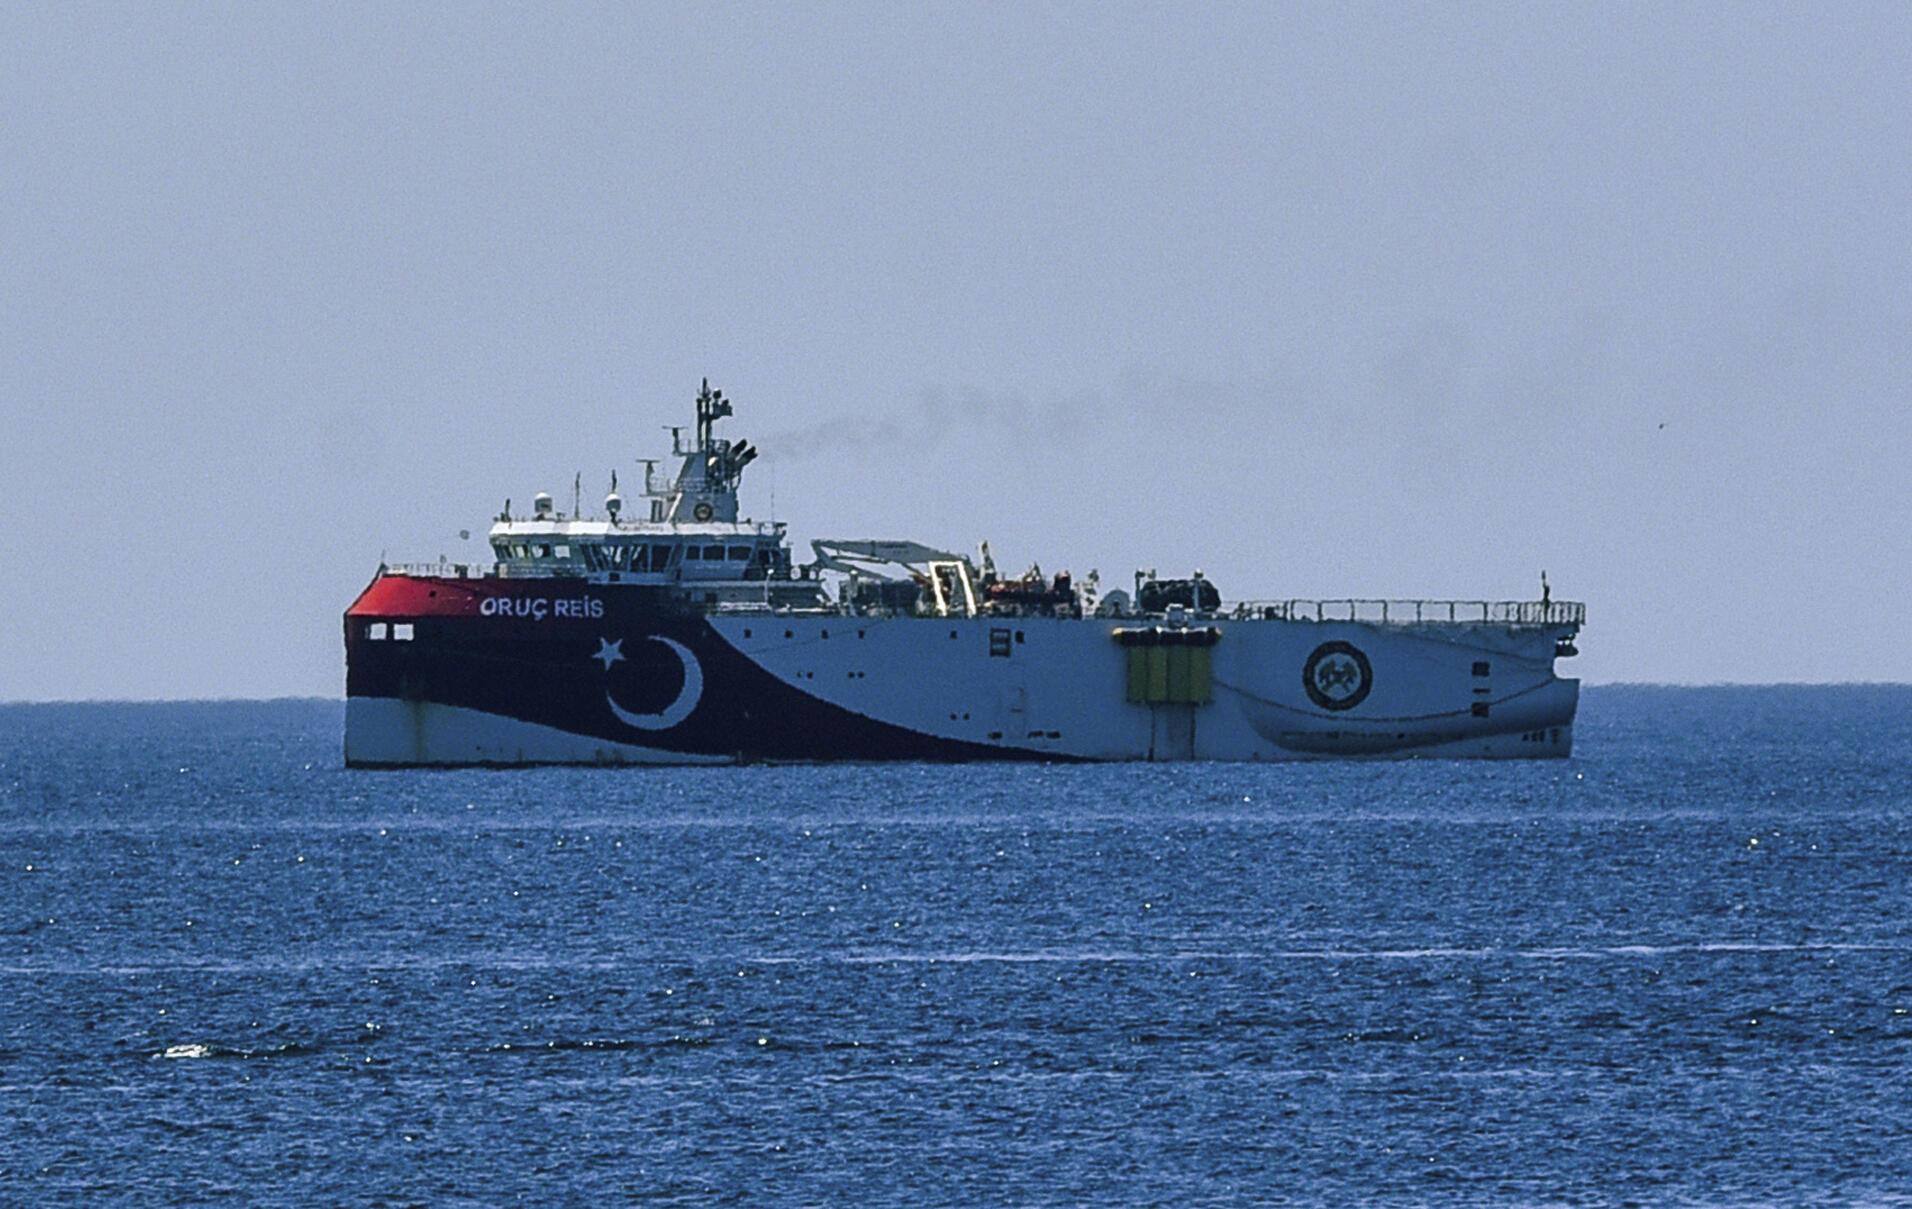 Tàu khảo sát Thổ Nhĩ Kỳ «Oruc Reis», ngày 22/07/2020, tại một khu vực ở đông Địa Trung Hải.